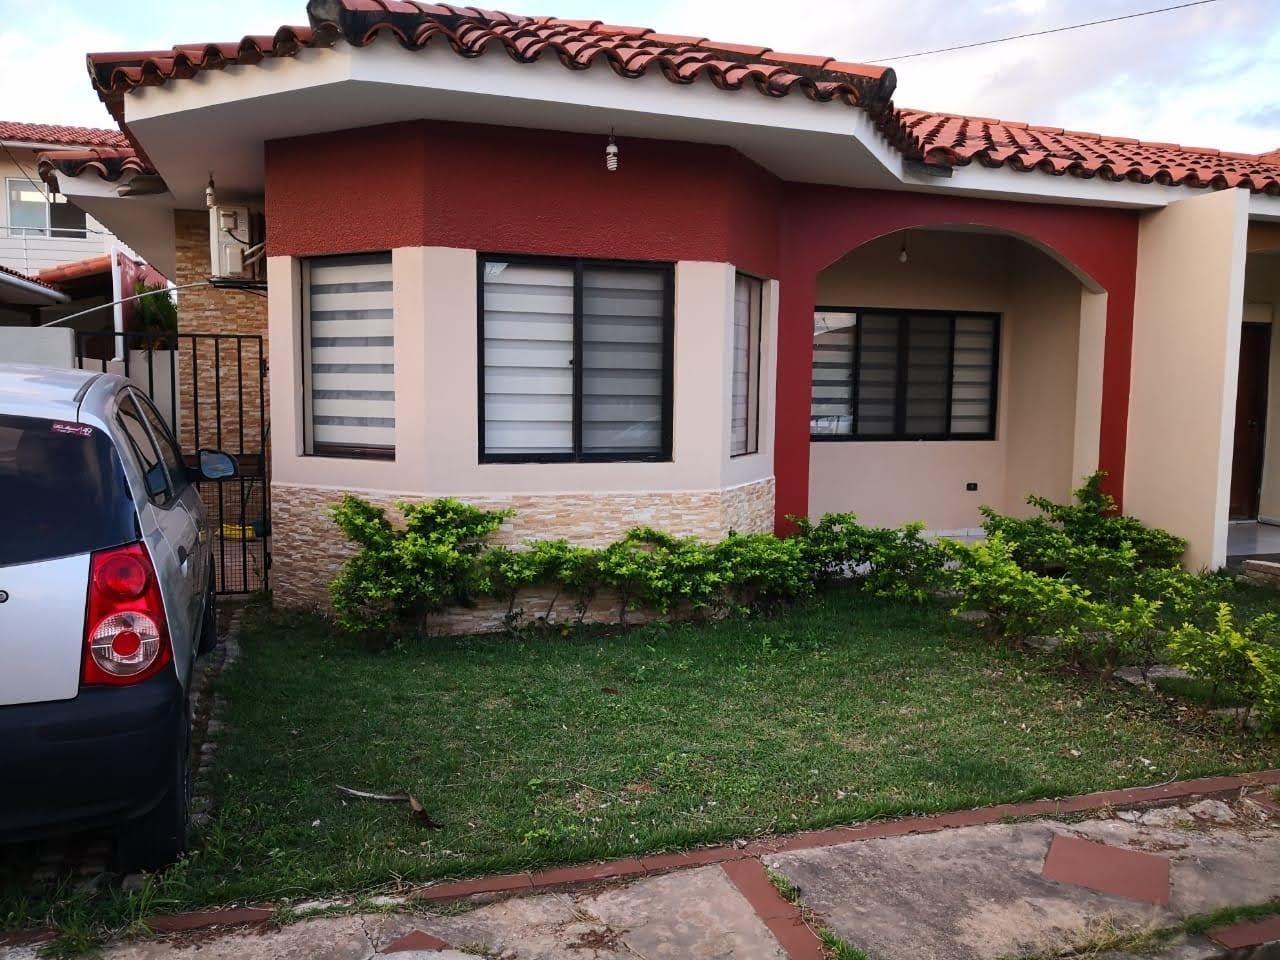 Casa en Anticretico AV. SANTOS DUMONT 6TO ANILLO- CASA DENTRO DE CONDOMINIO Foto 1